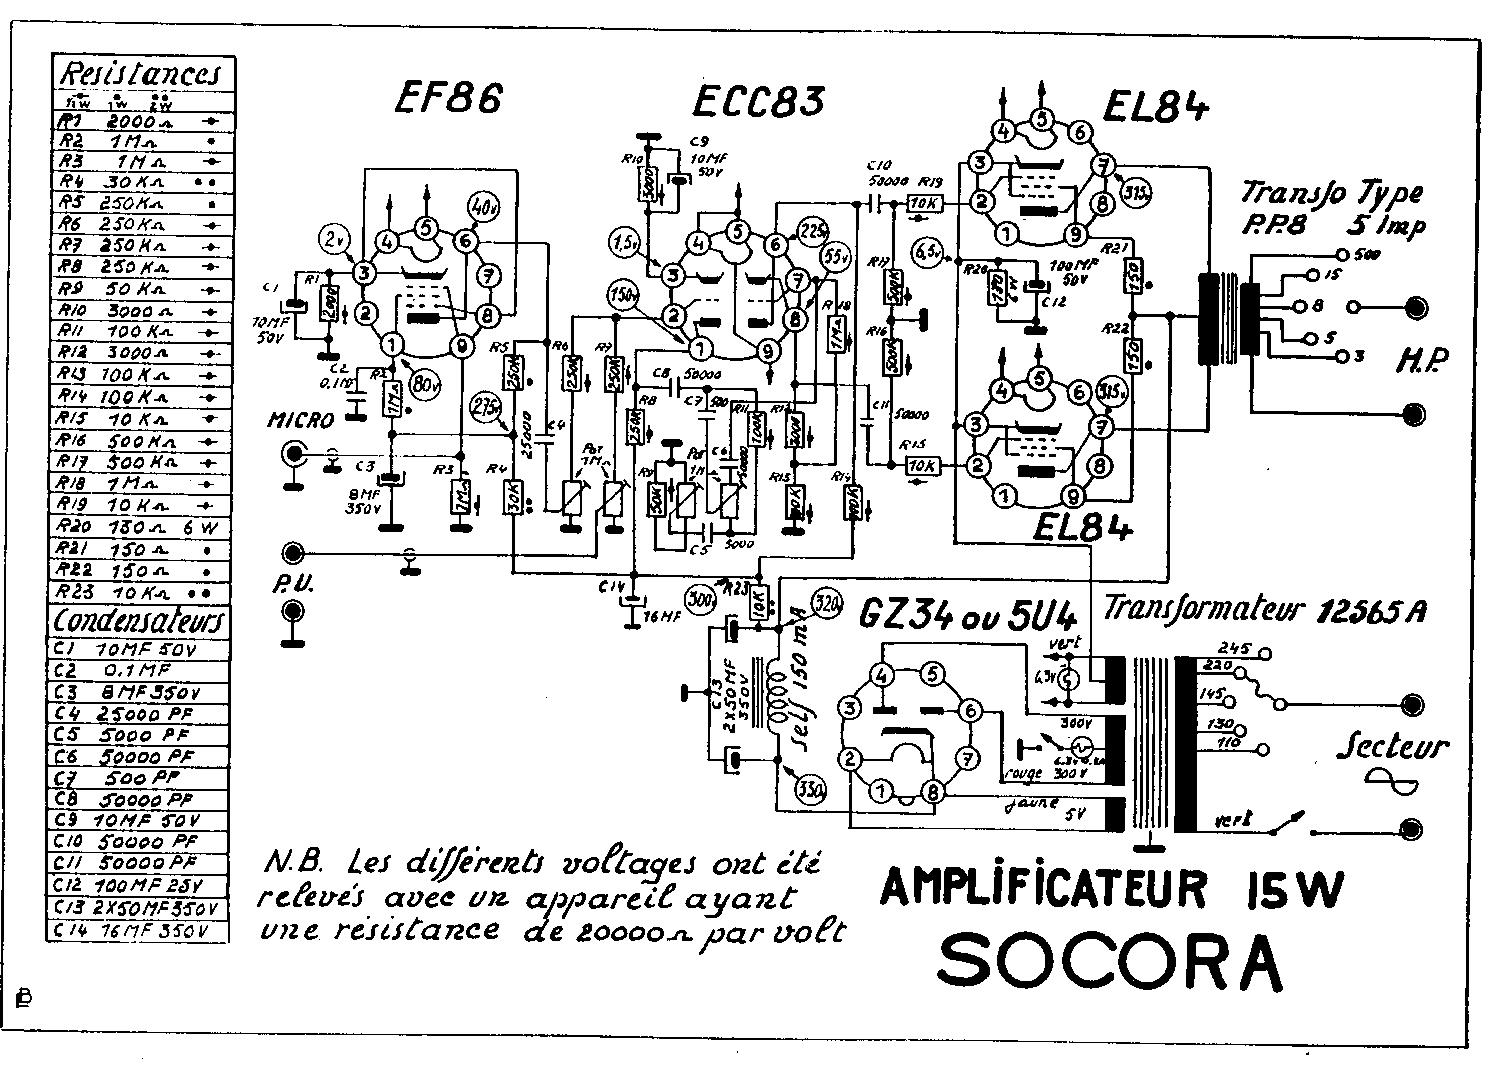 Socora_ampli PP 15W EL84_1957.png